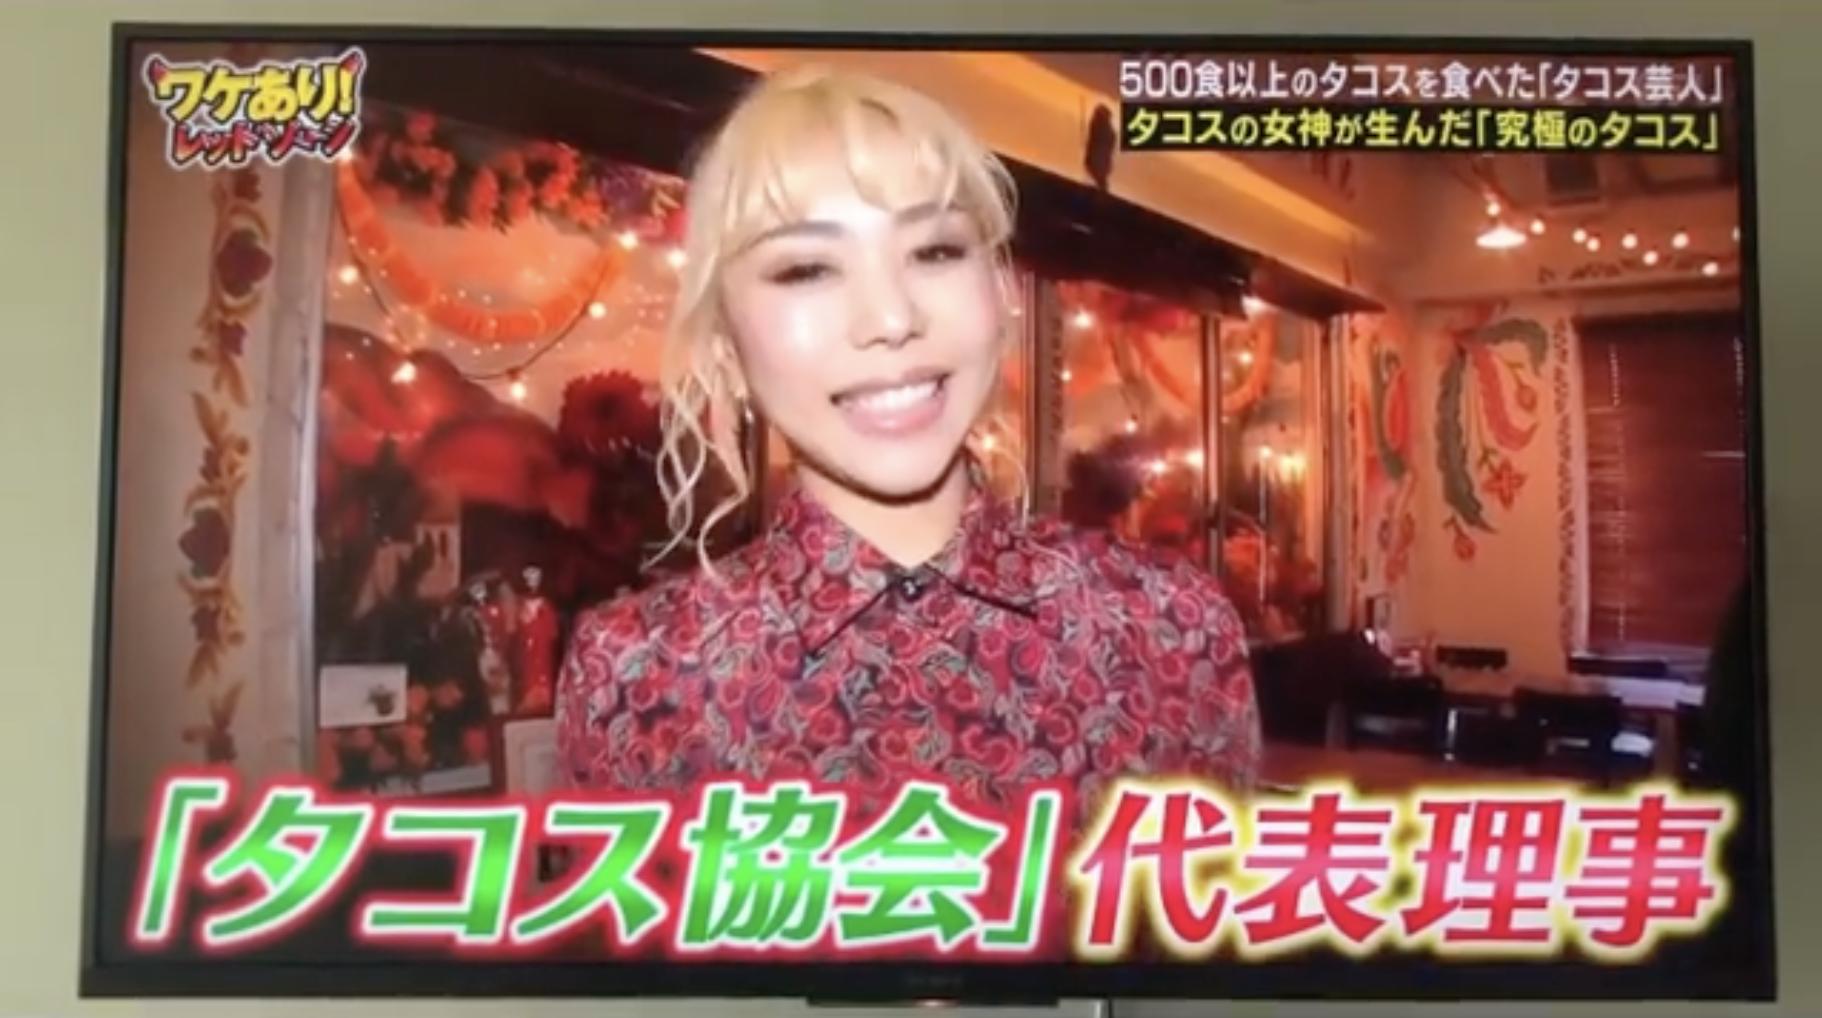 日本テレビ「ワケありレッドゾーン」にて取材していただきました。